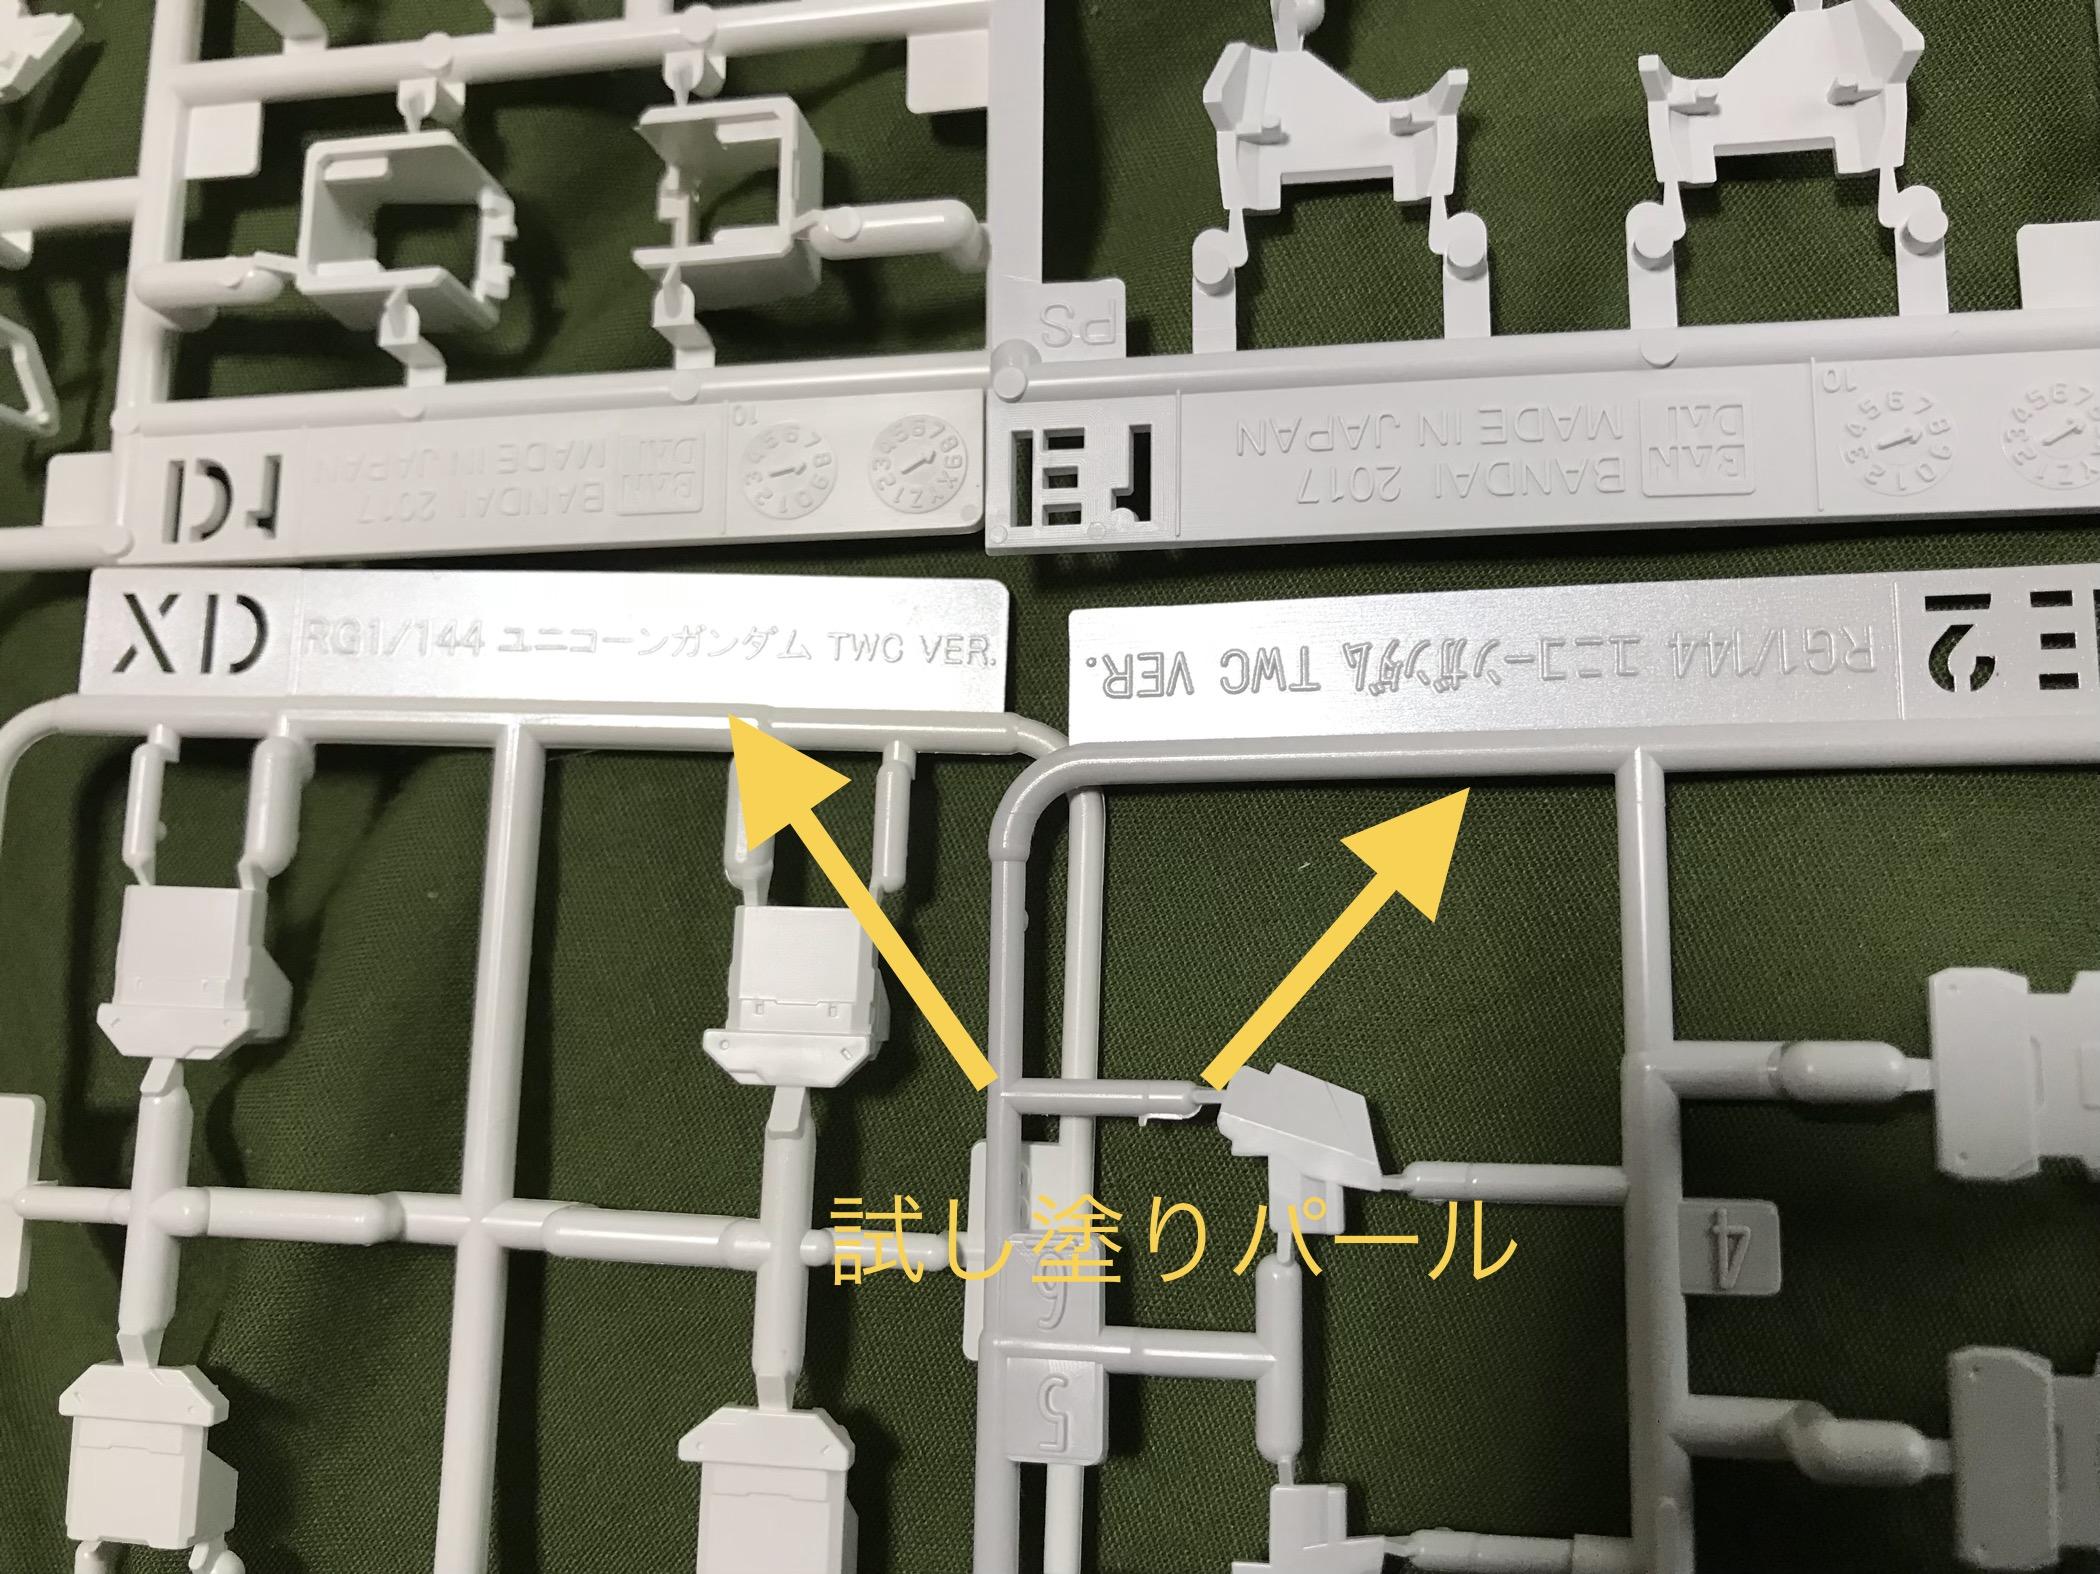 rg ユニコーン ガンダム 電飾